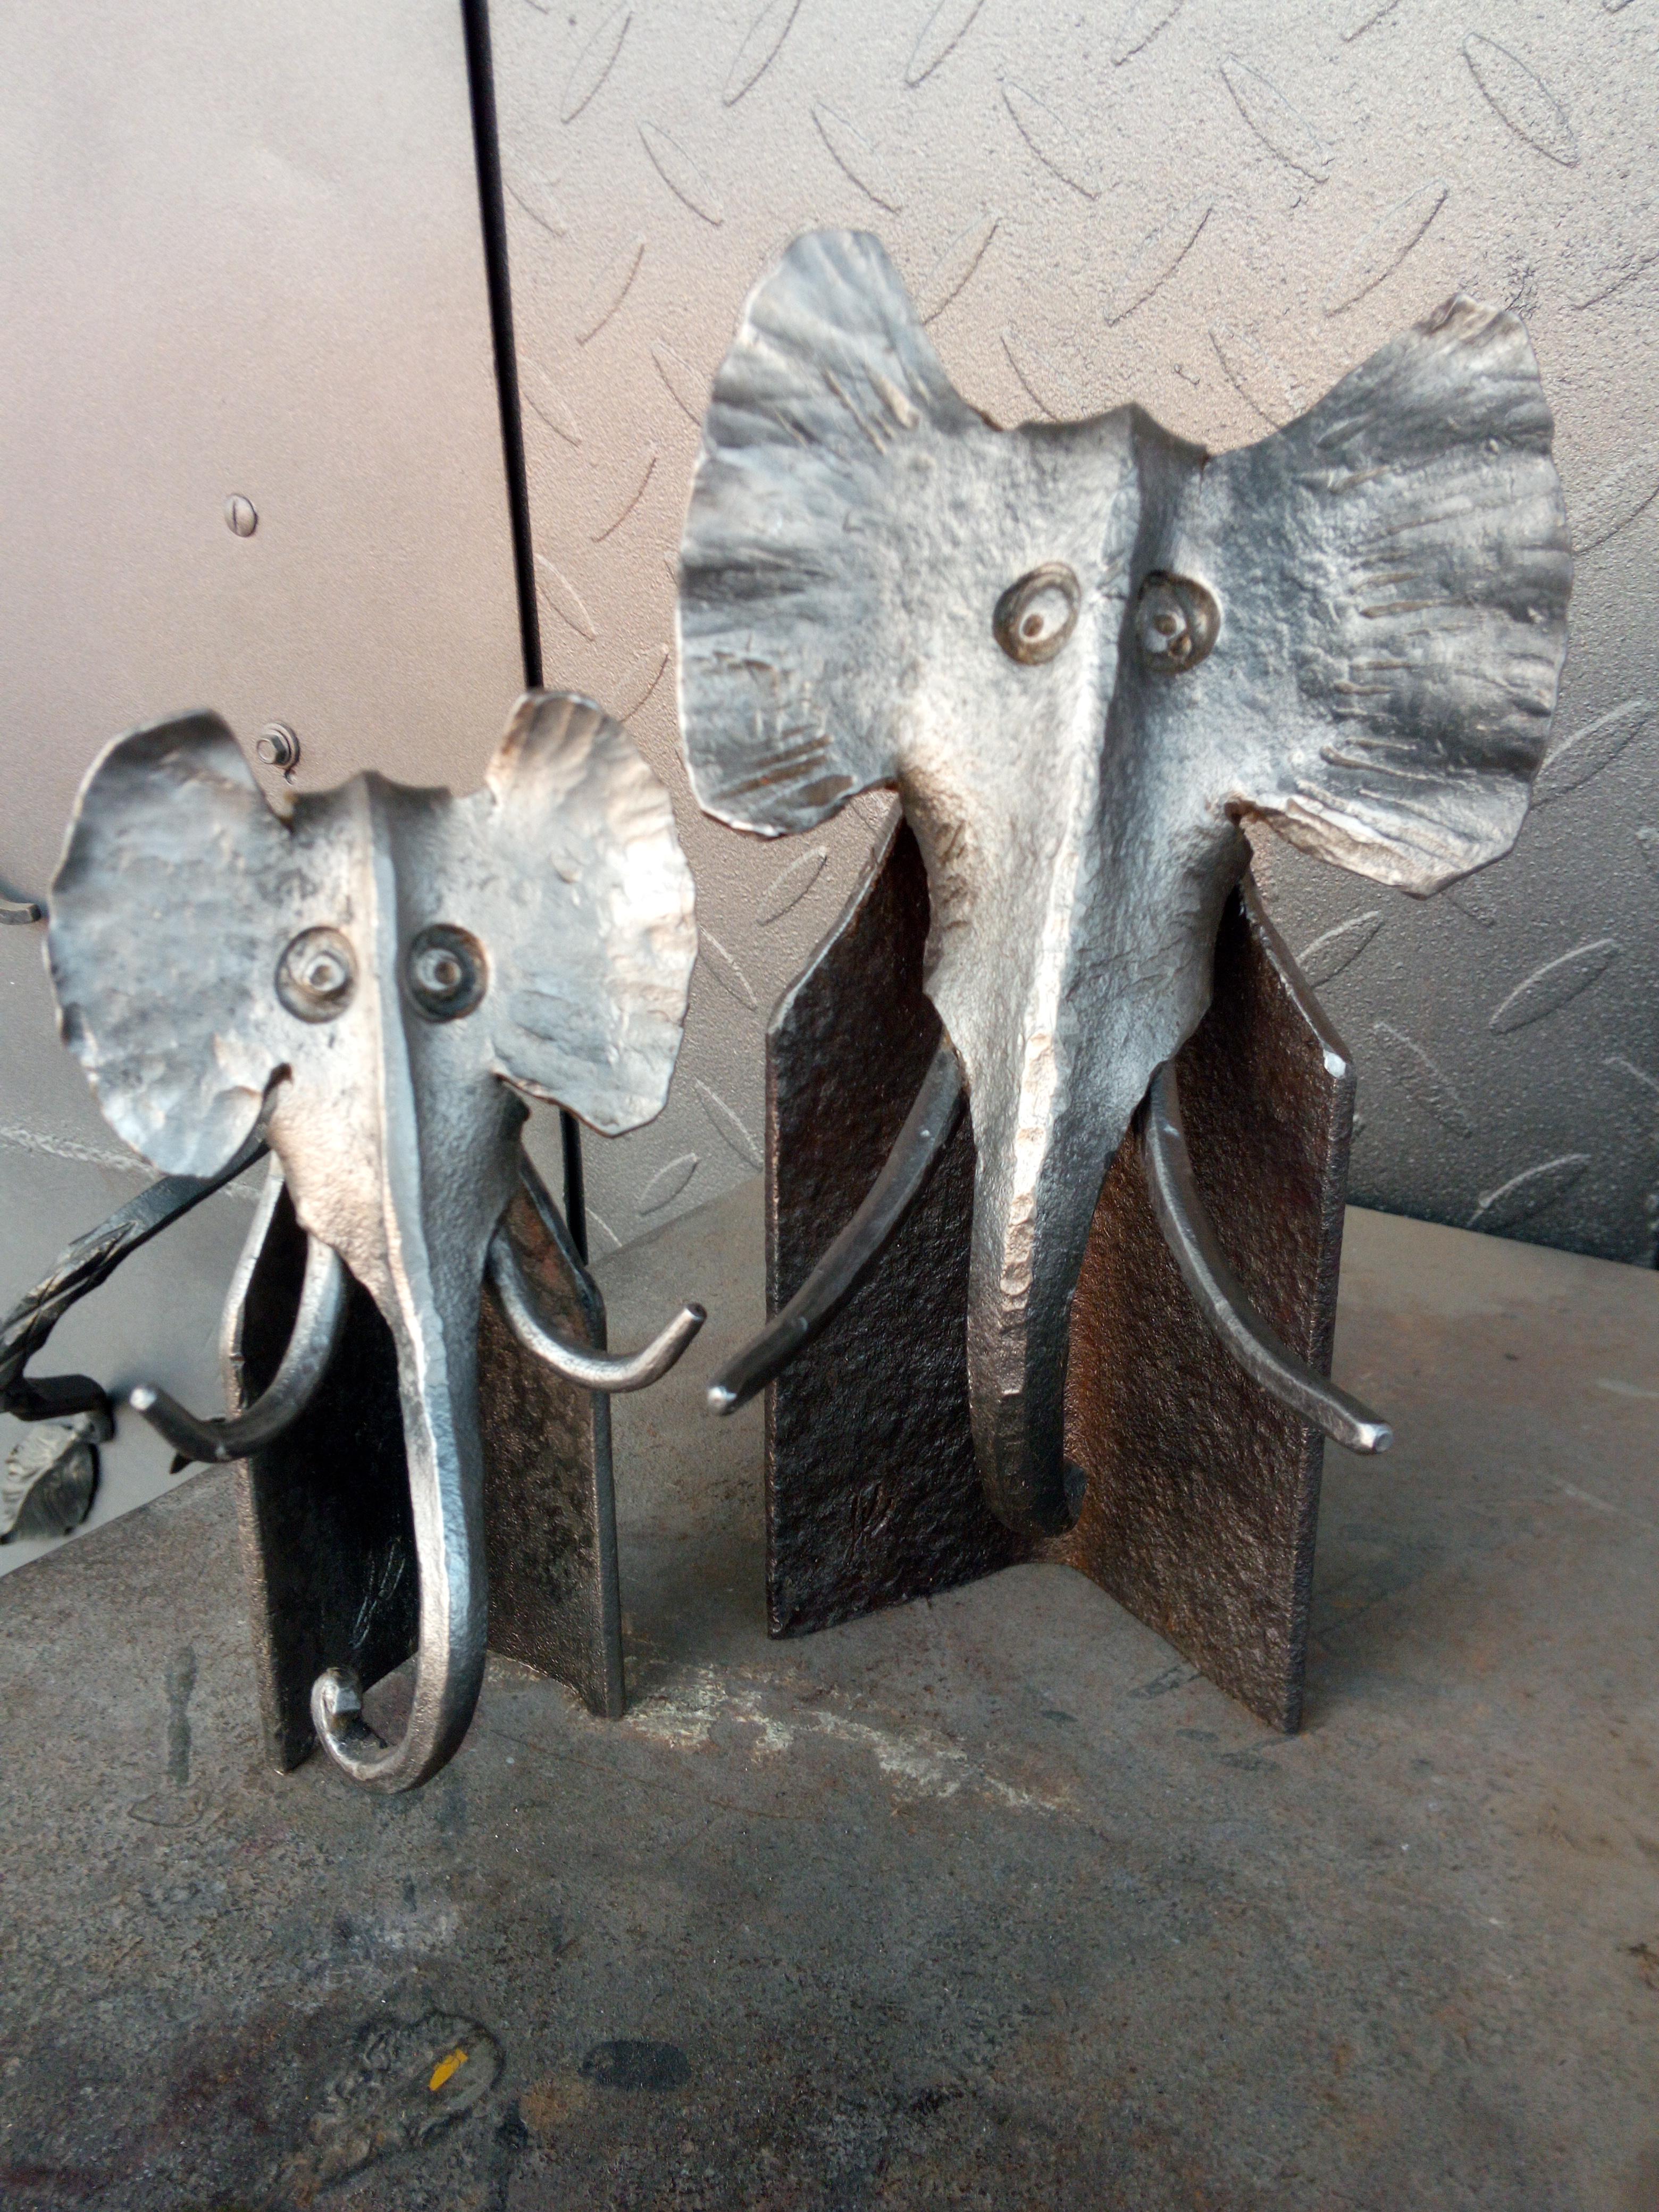 кованый сувенир, ковка художественная ковка, ковка во Владивостоке, ковка на заказ, кованый сувенир                                    декор, ковка в интерьере